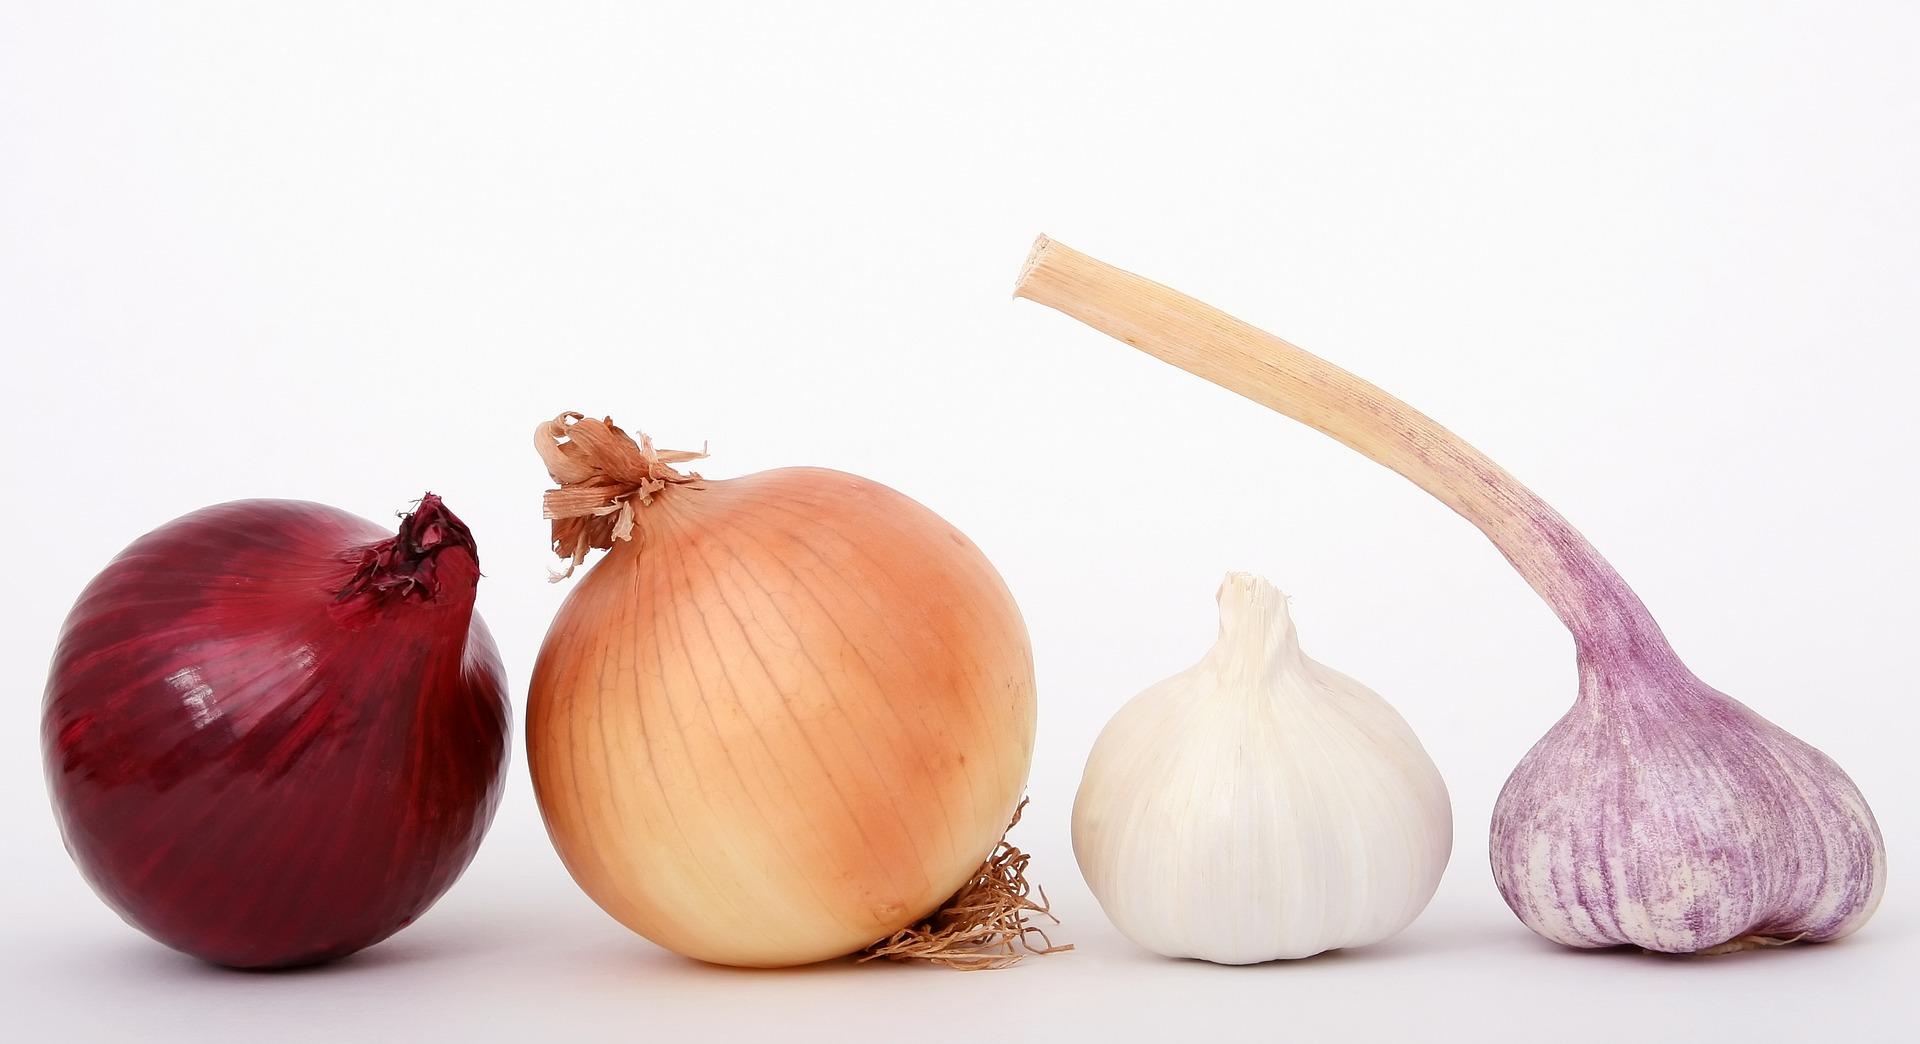 in Reihe: eine rote Zwiebel, eine weiße Zwiebel, ein weißer Knoblauch und ein violetter Knoblauch; Urheber ist Meditations auf pixabay